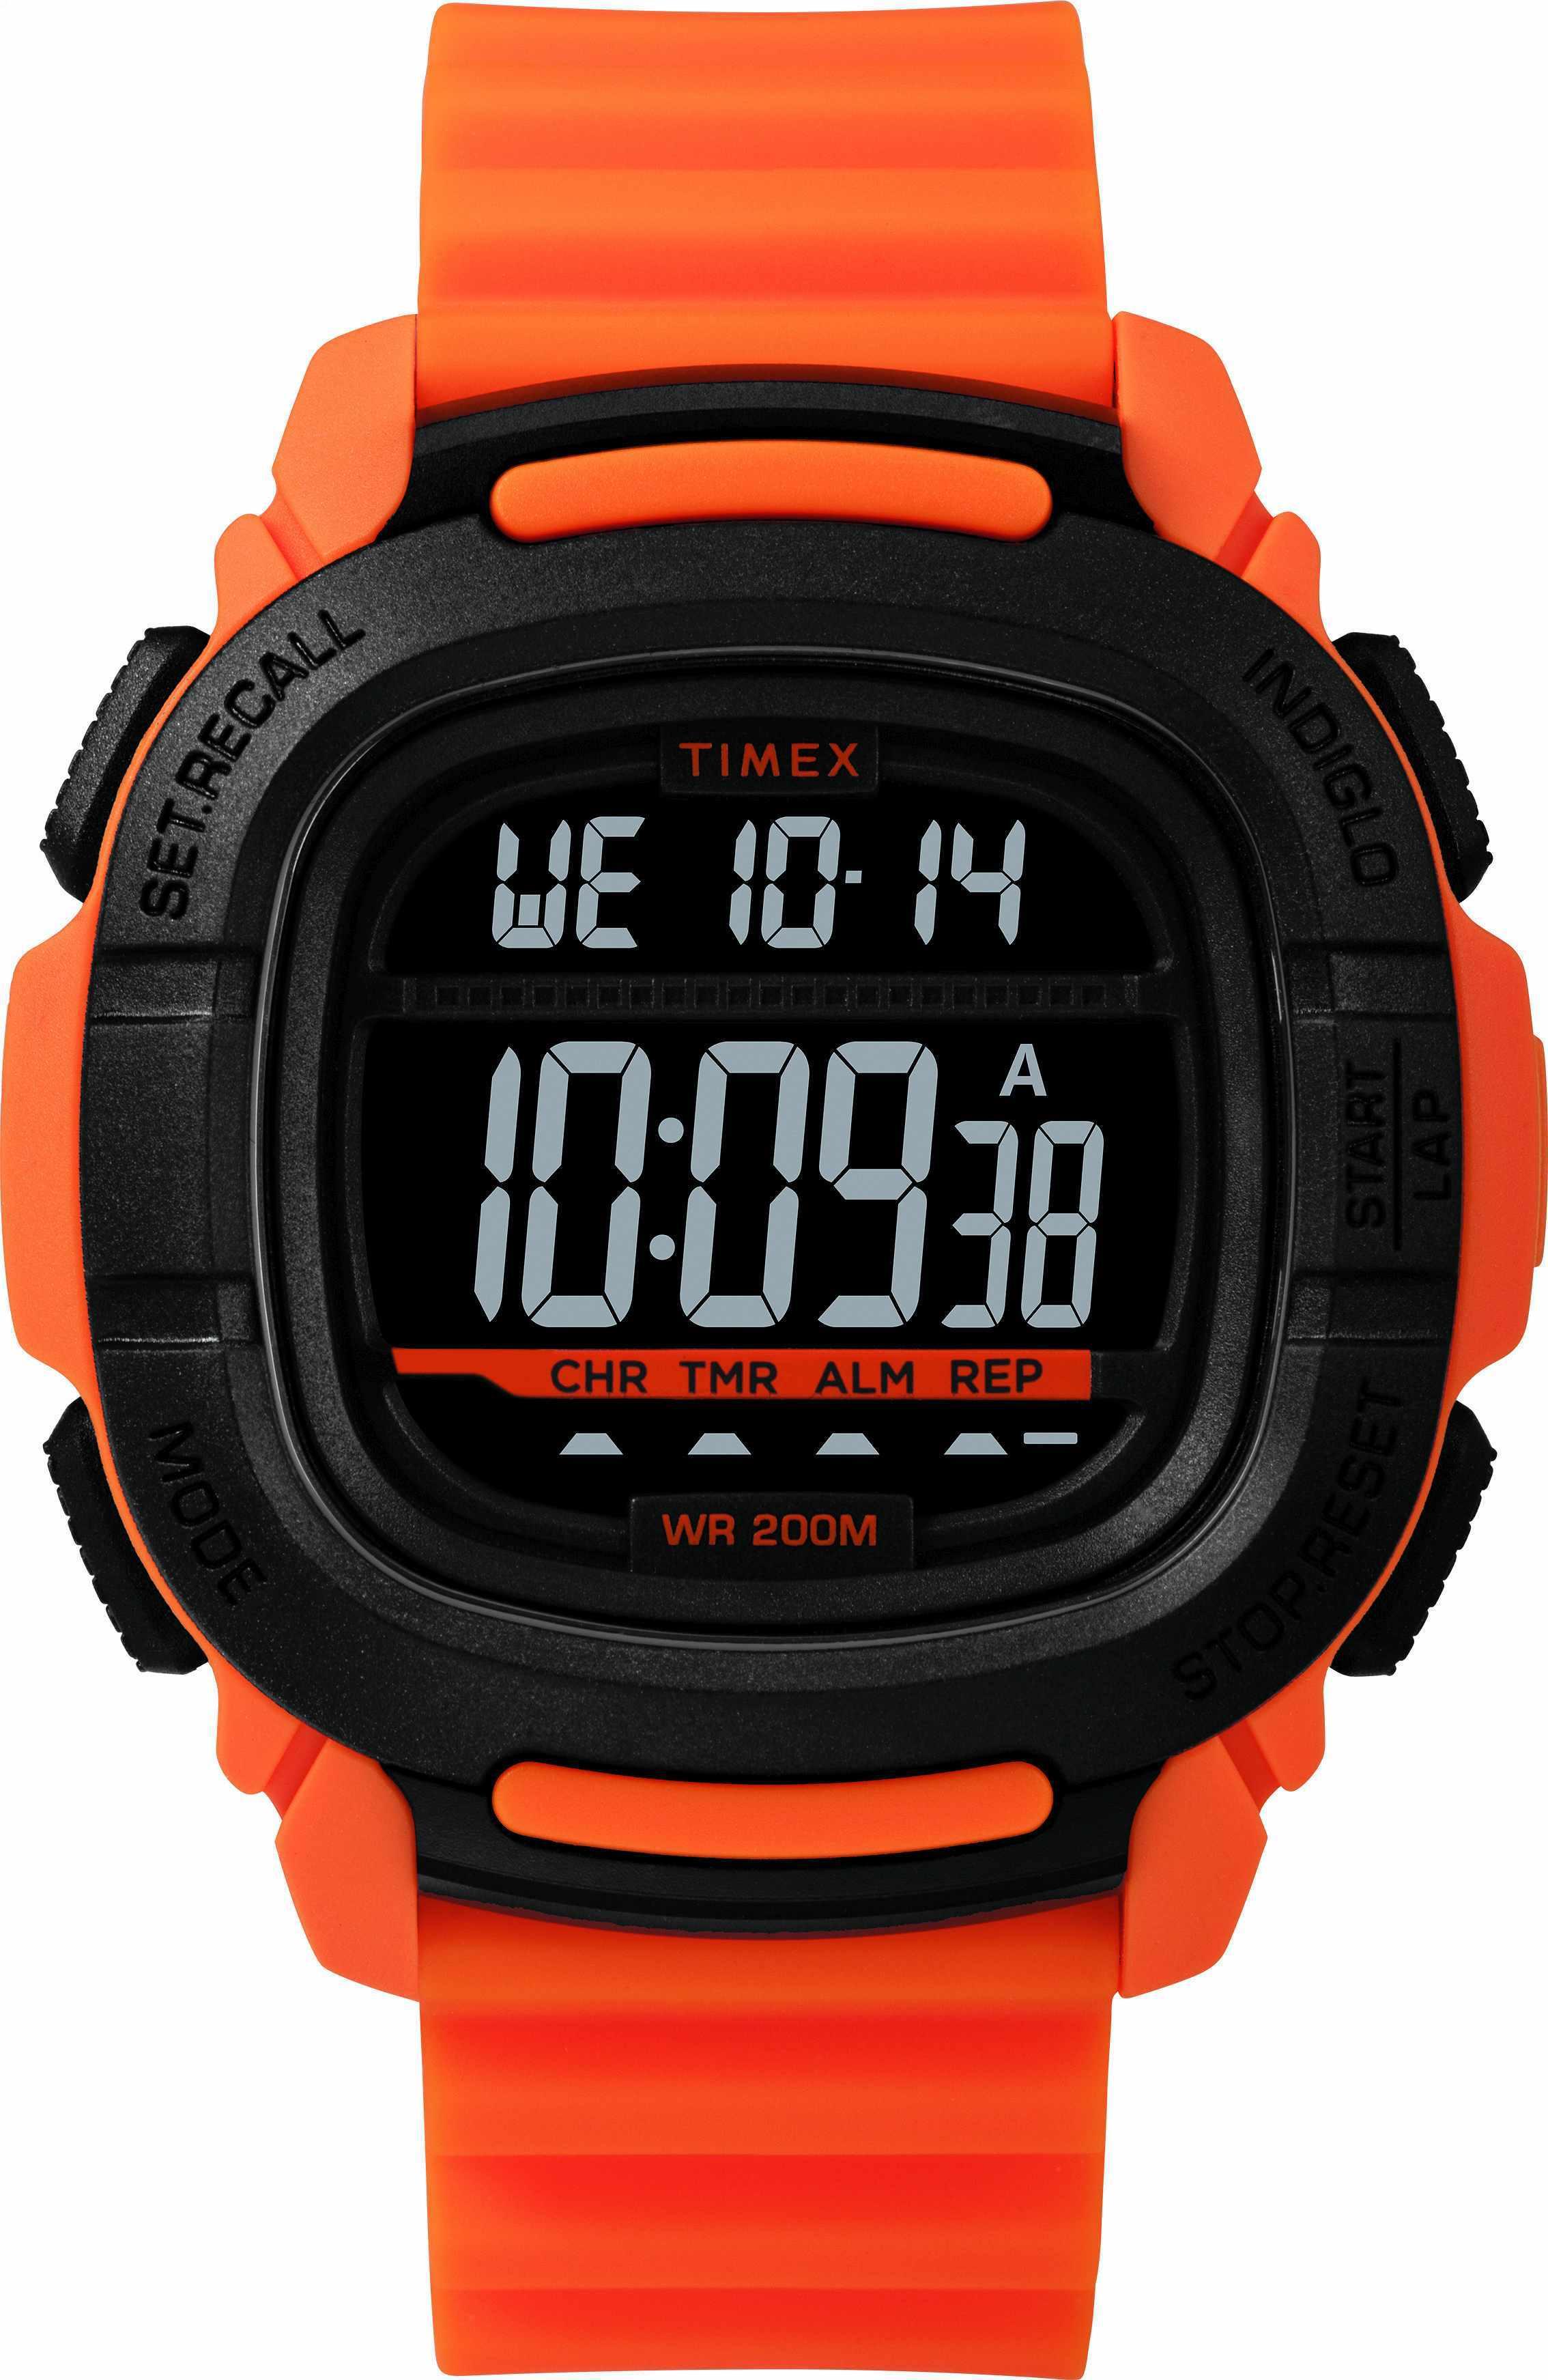 Timex TW5M26500 > Wysyłka tego samego dnia Grawer 0zł Darmowa dostawa Kurierem/Inpost Darmowy zwrot przez 100 DNI